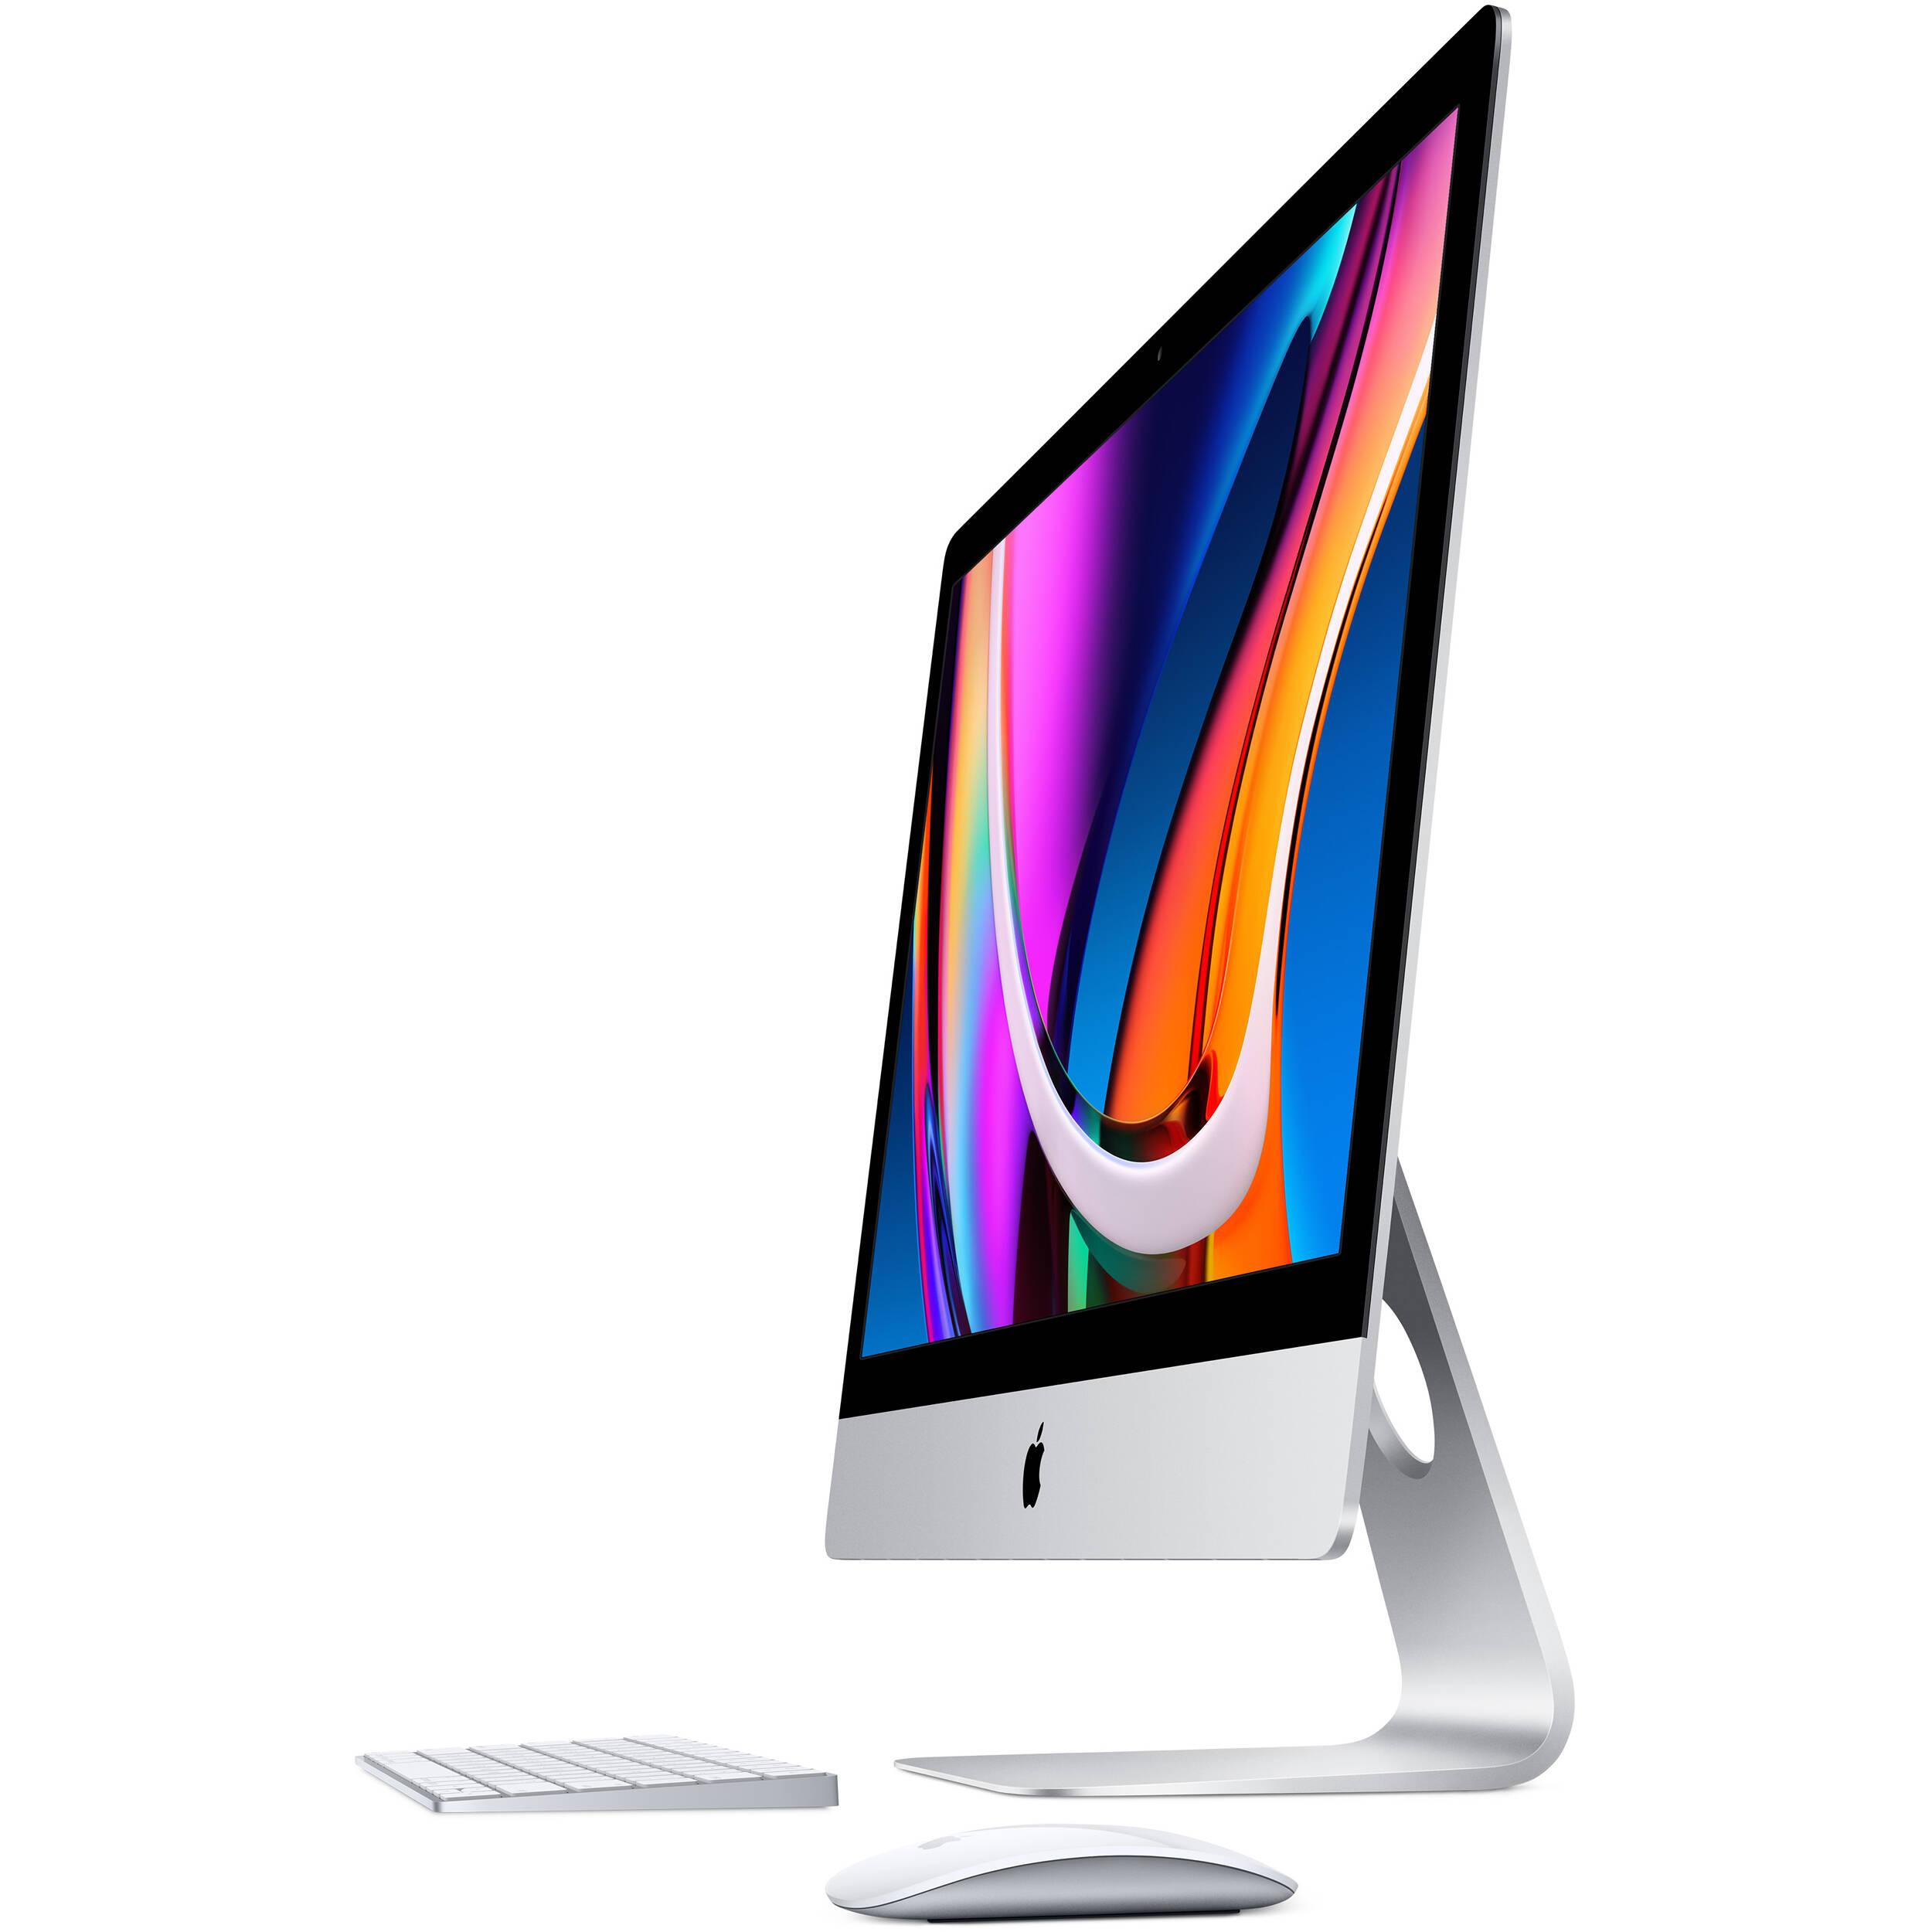 کامپیوتر همه کاره 27 اینچی اپل مدل iMac MXWT2 2020 با صفحه نمایش رتینا 5K  main 1 1